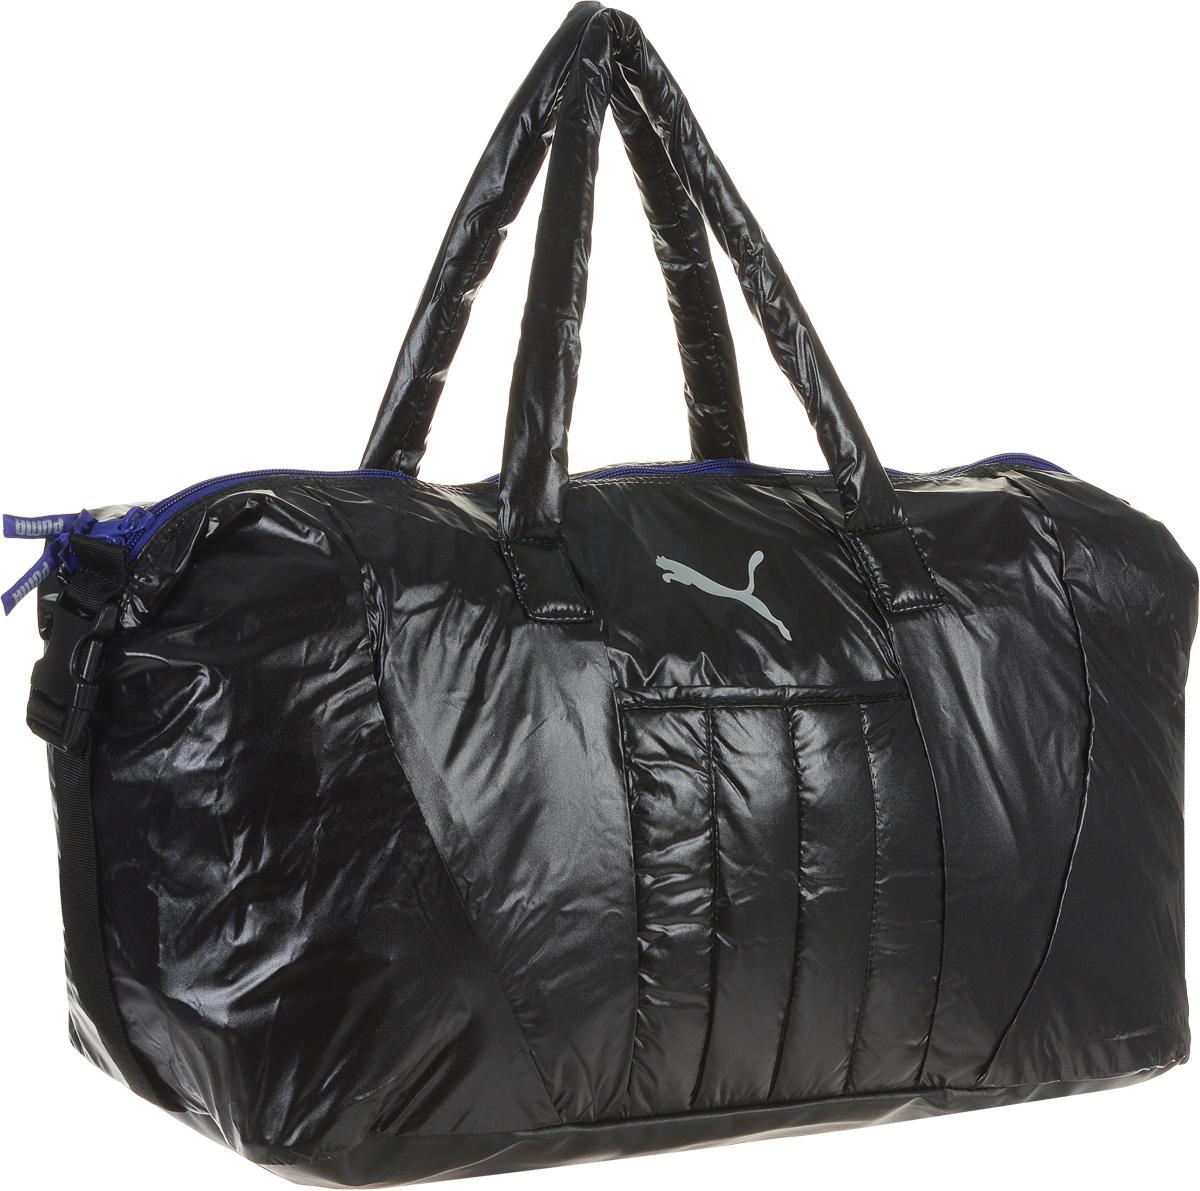 Сумка спортивная женская Puma Fit AT Workout Bag, цвет: черный. 0741330107413301Вместительная сумка Fit AT Workout Bag от Puma - удобный аксессуар для занятий спортом. Модель выполнена из непромокаемого нейлона, декорирована набивным логотипом Puma Cat из светоотражающего материала и цветными язычками застежек-молний с названием бренда. Сумка имеет главное отделение на молнии, открывающейся с двух сторон, накладной карман спереди, конструкцию с пластиковой пряжкой сбоку для изменения размера и формы сумки, карман на молнии внутри, большой накладной карман из эластичного материала для влажной спортивной экипировки и мягкие ручки для переноски из основного материала изделия. Функциональная подкладка из полиэстера некоторых отделений, водоотталкивающее покрытие нижней части обеспечивают максимум удобства. Сумка очень эргономична, поэтому вы сможете разместить все необходимое для тренировки. Основанный в 1948 году бренд Puma стал выбором многих героев мирового спорта. Дизайн Puma сосредоточен на стиле и функциональности моделей, поэтому коллекции...